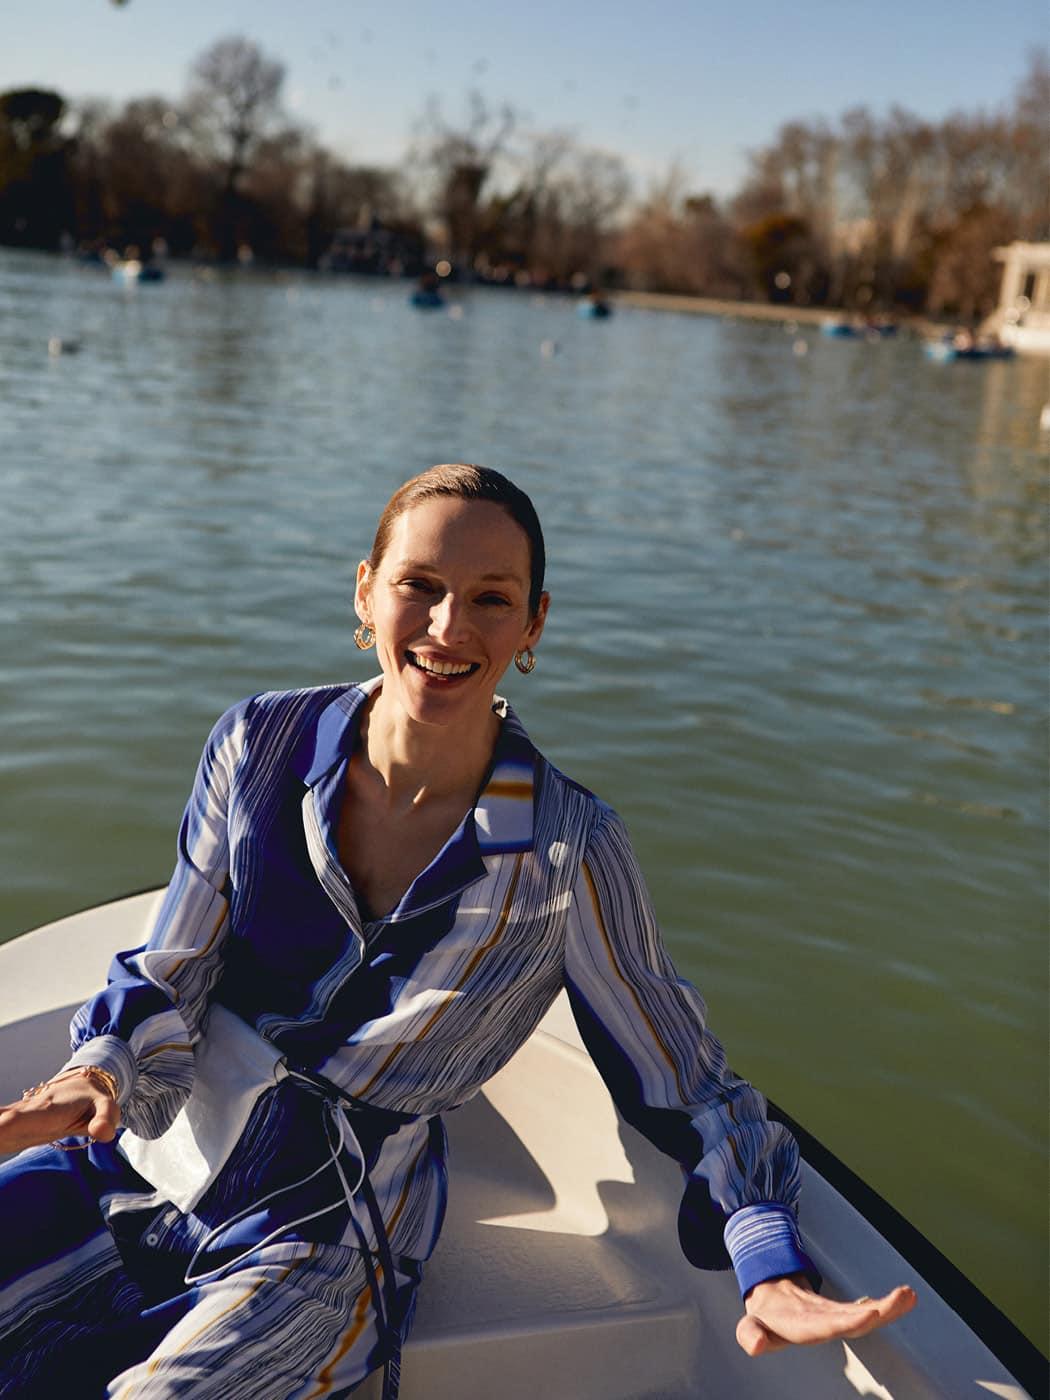 España Mujer Moda De De Mujer Mango España Mango Moda A8xUwx